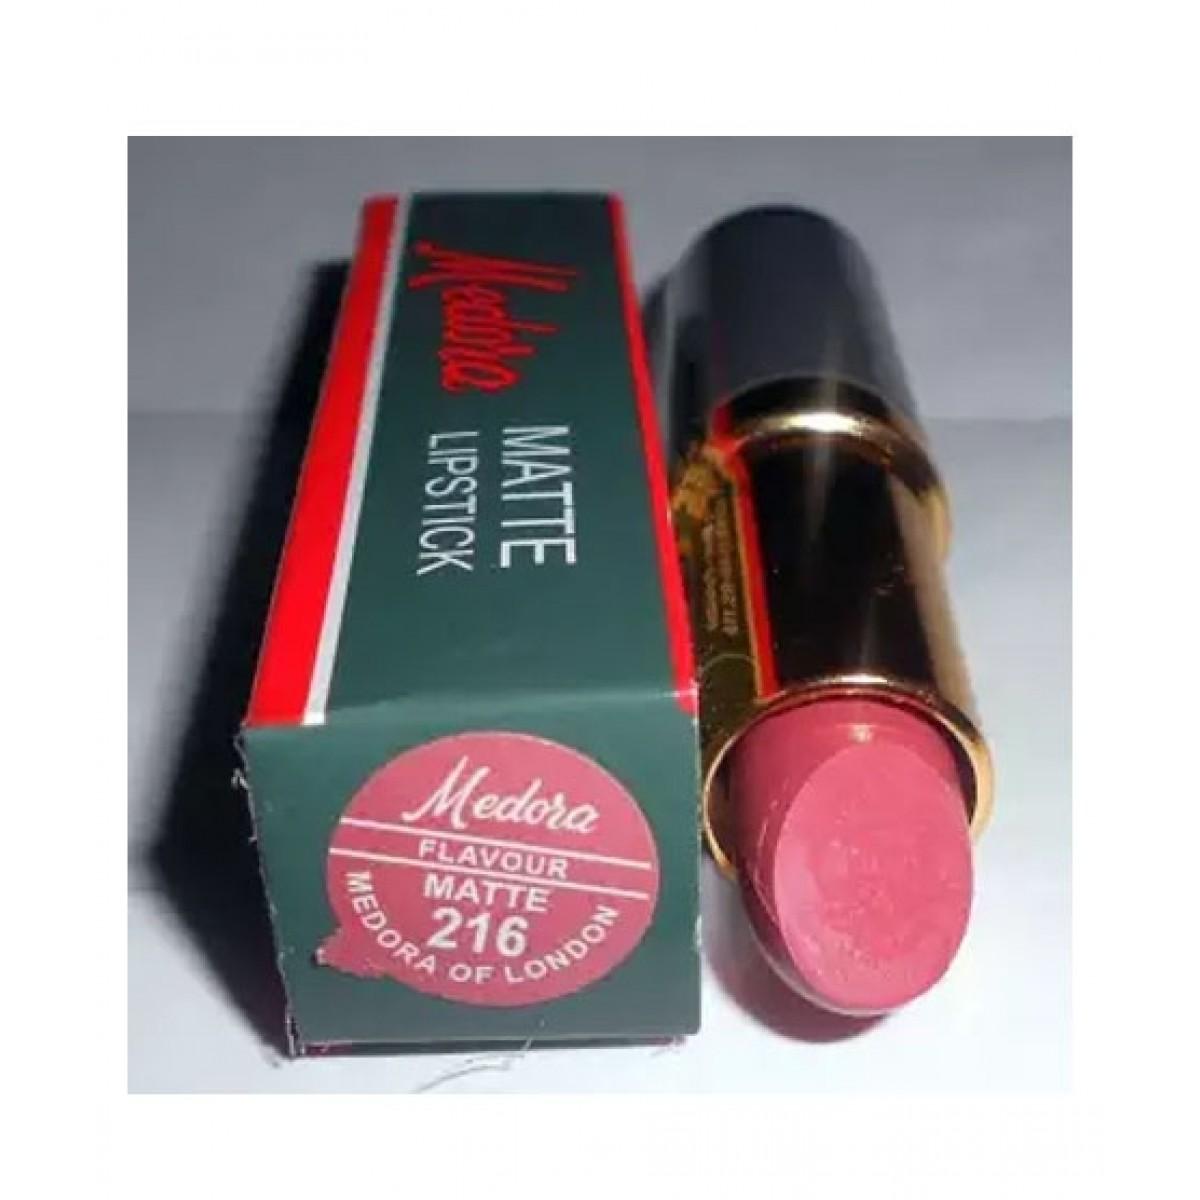 Medora Matte Lipstick Flavour Price In Pakistan Buy Medora Matte Lipstick 216 Ishopping Pk